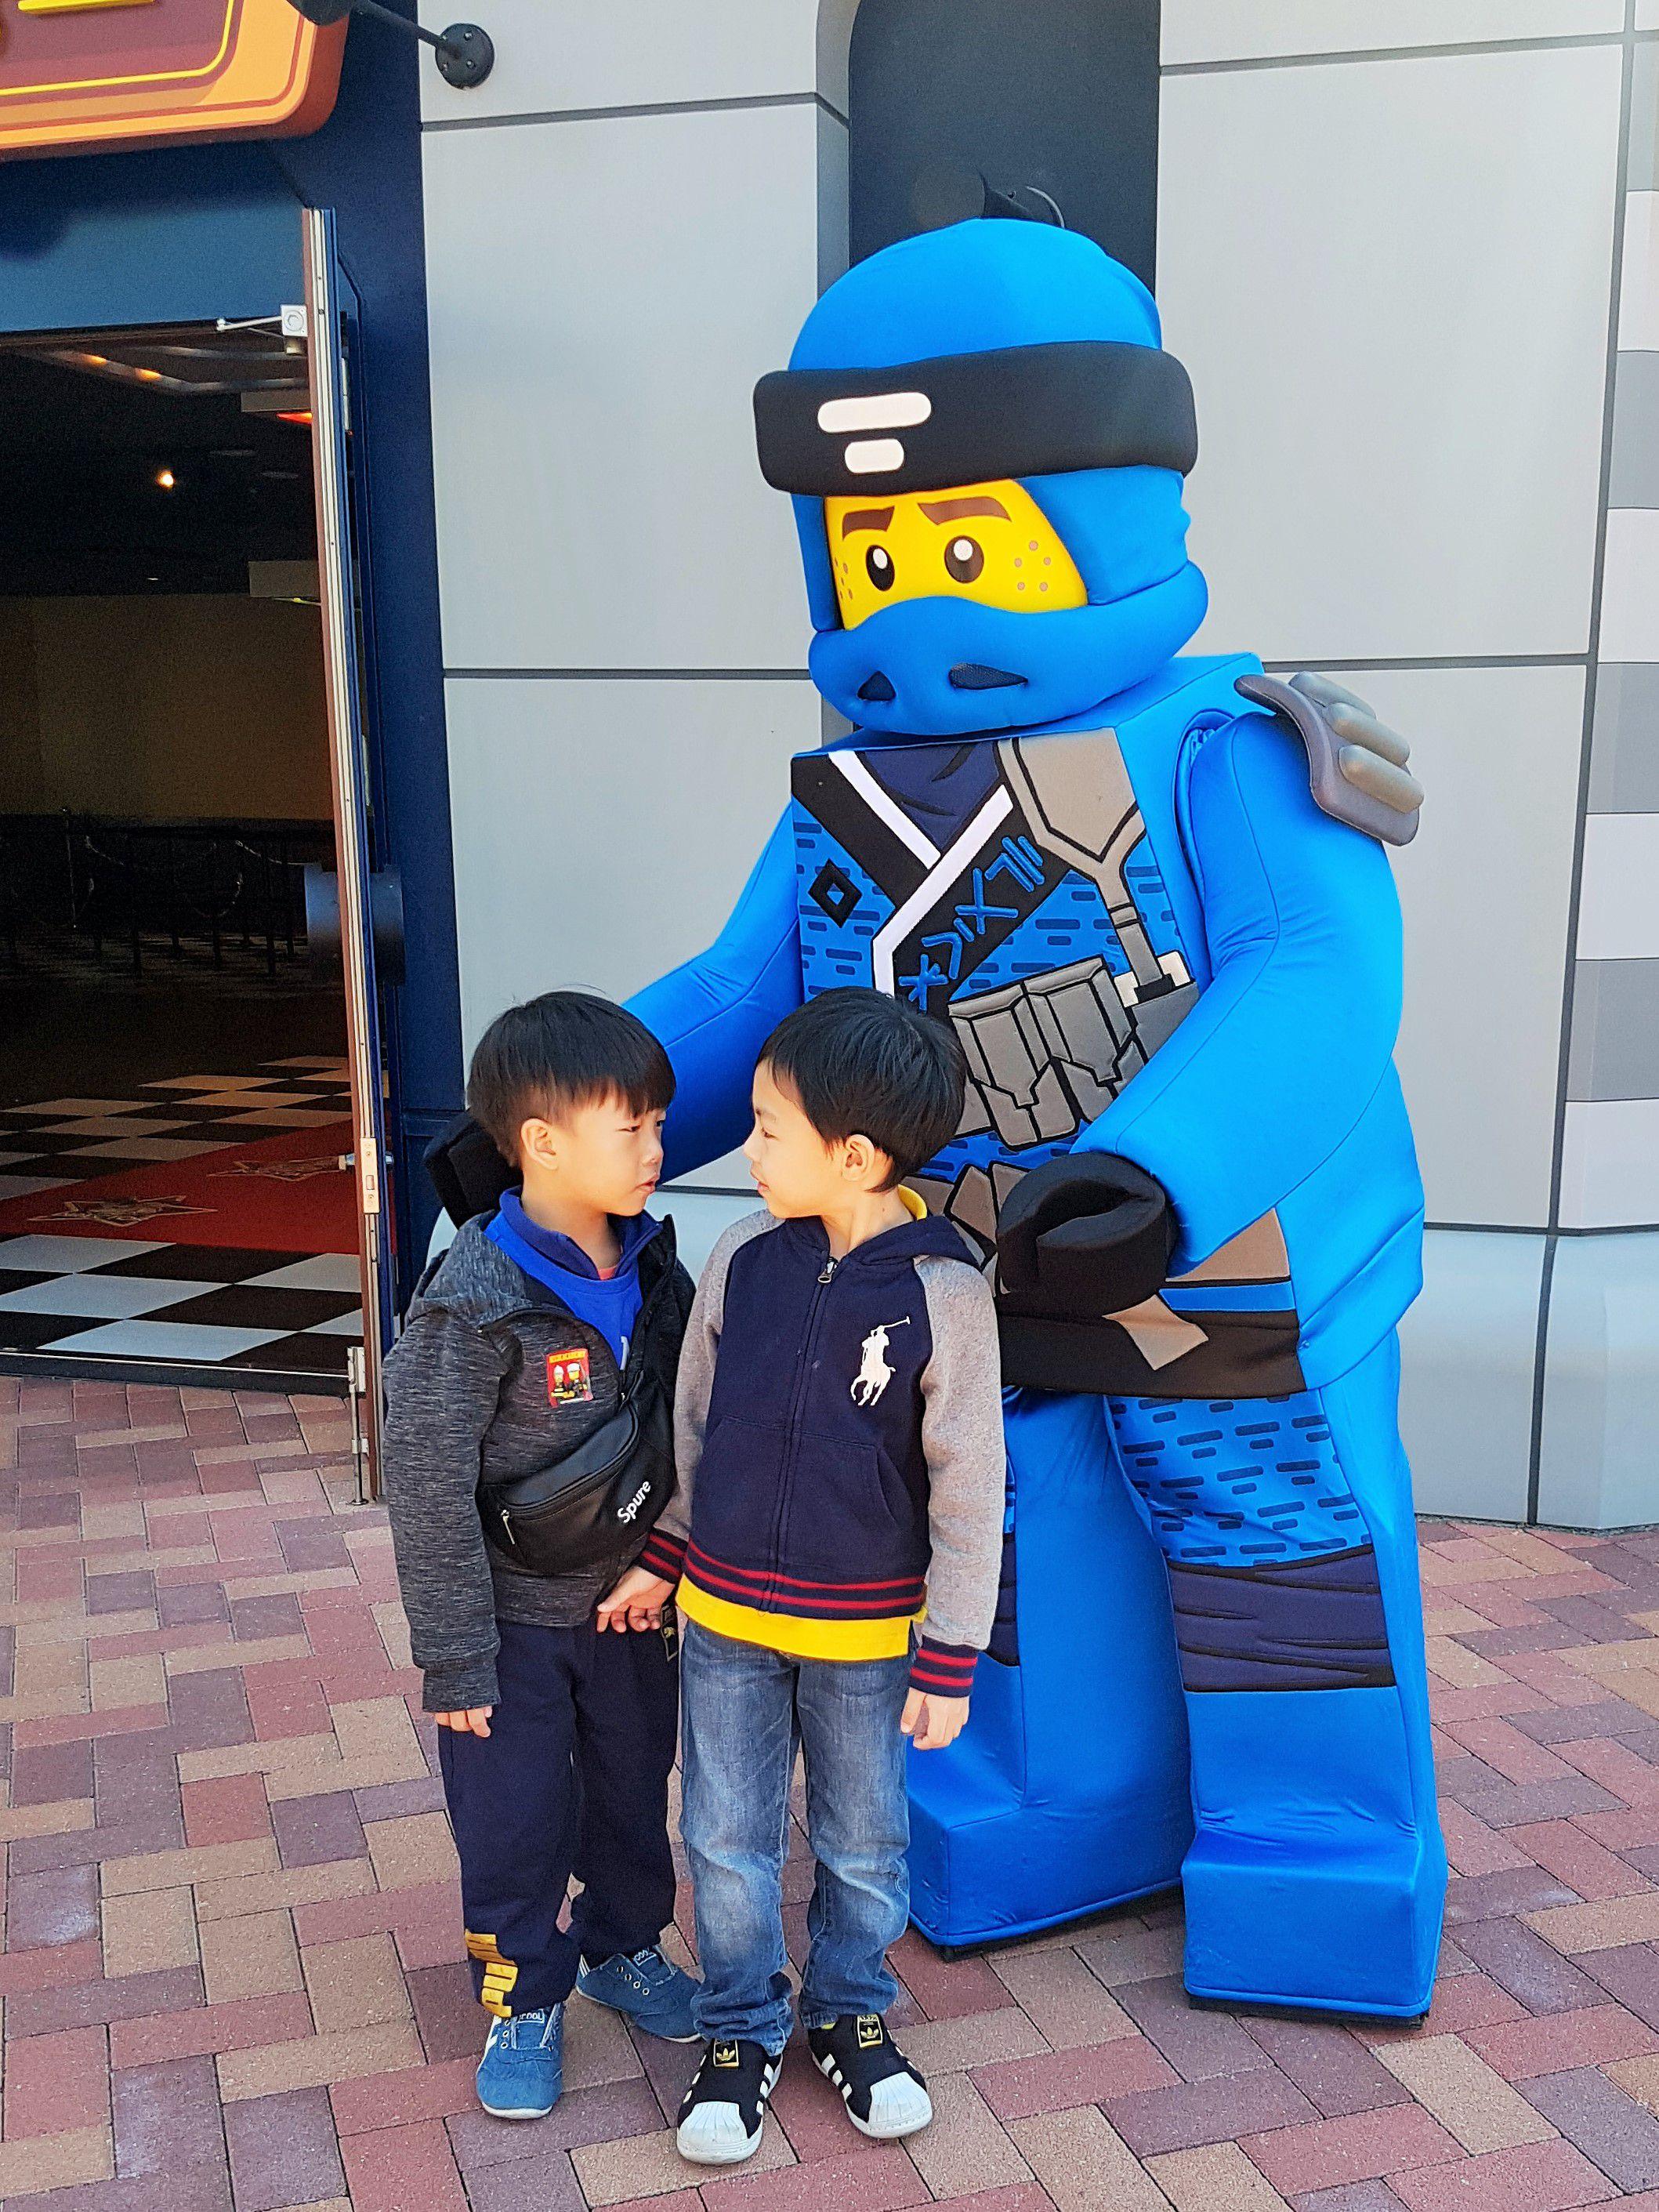 พาลูกเที่ยวญี่ปุ่น ดได้ไม่อั้น สวนสนุก ธีมพาร์คแห่งใหม่ที่นาโกย่า (Nagoya) คือ เลโก้แลนด์ Legoland @Japan Resort